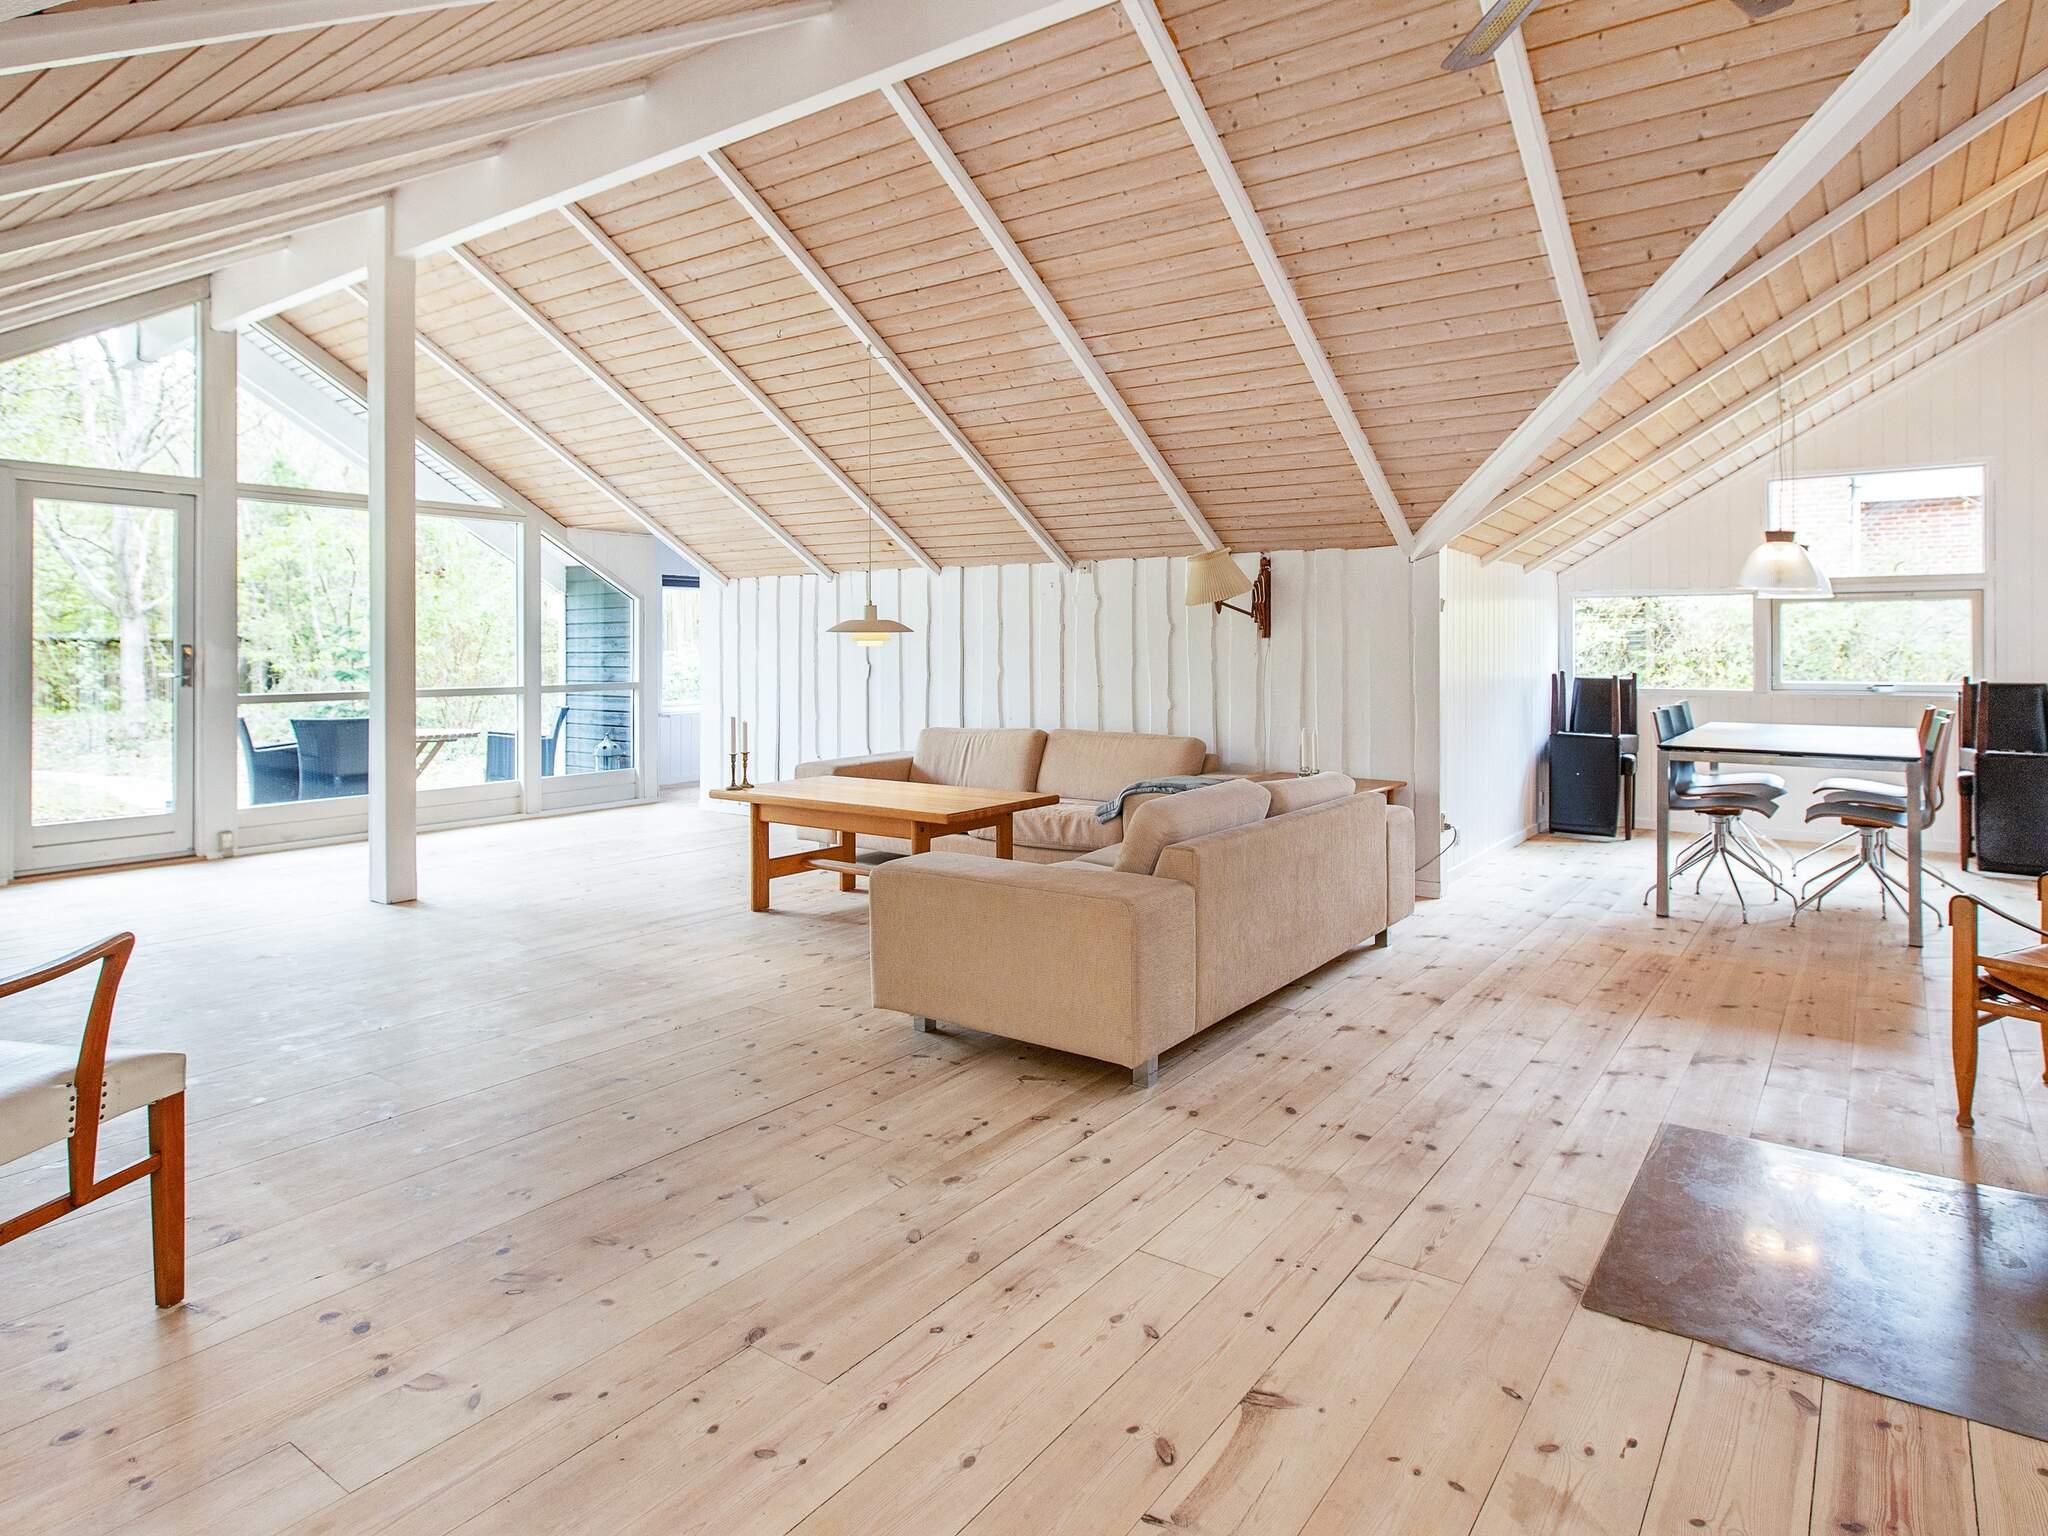 Ferienhaus Rågeleje (2563318), Græsted, , Nordseeland, Dänemark, Bild 6